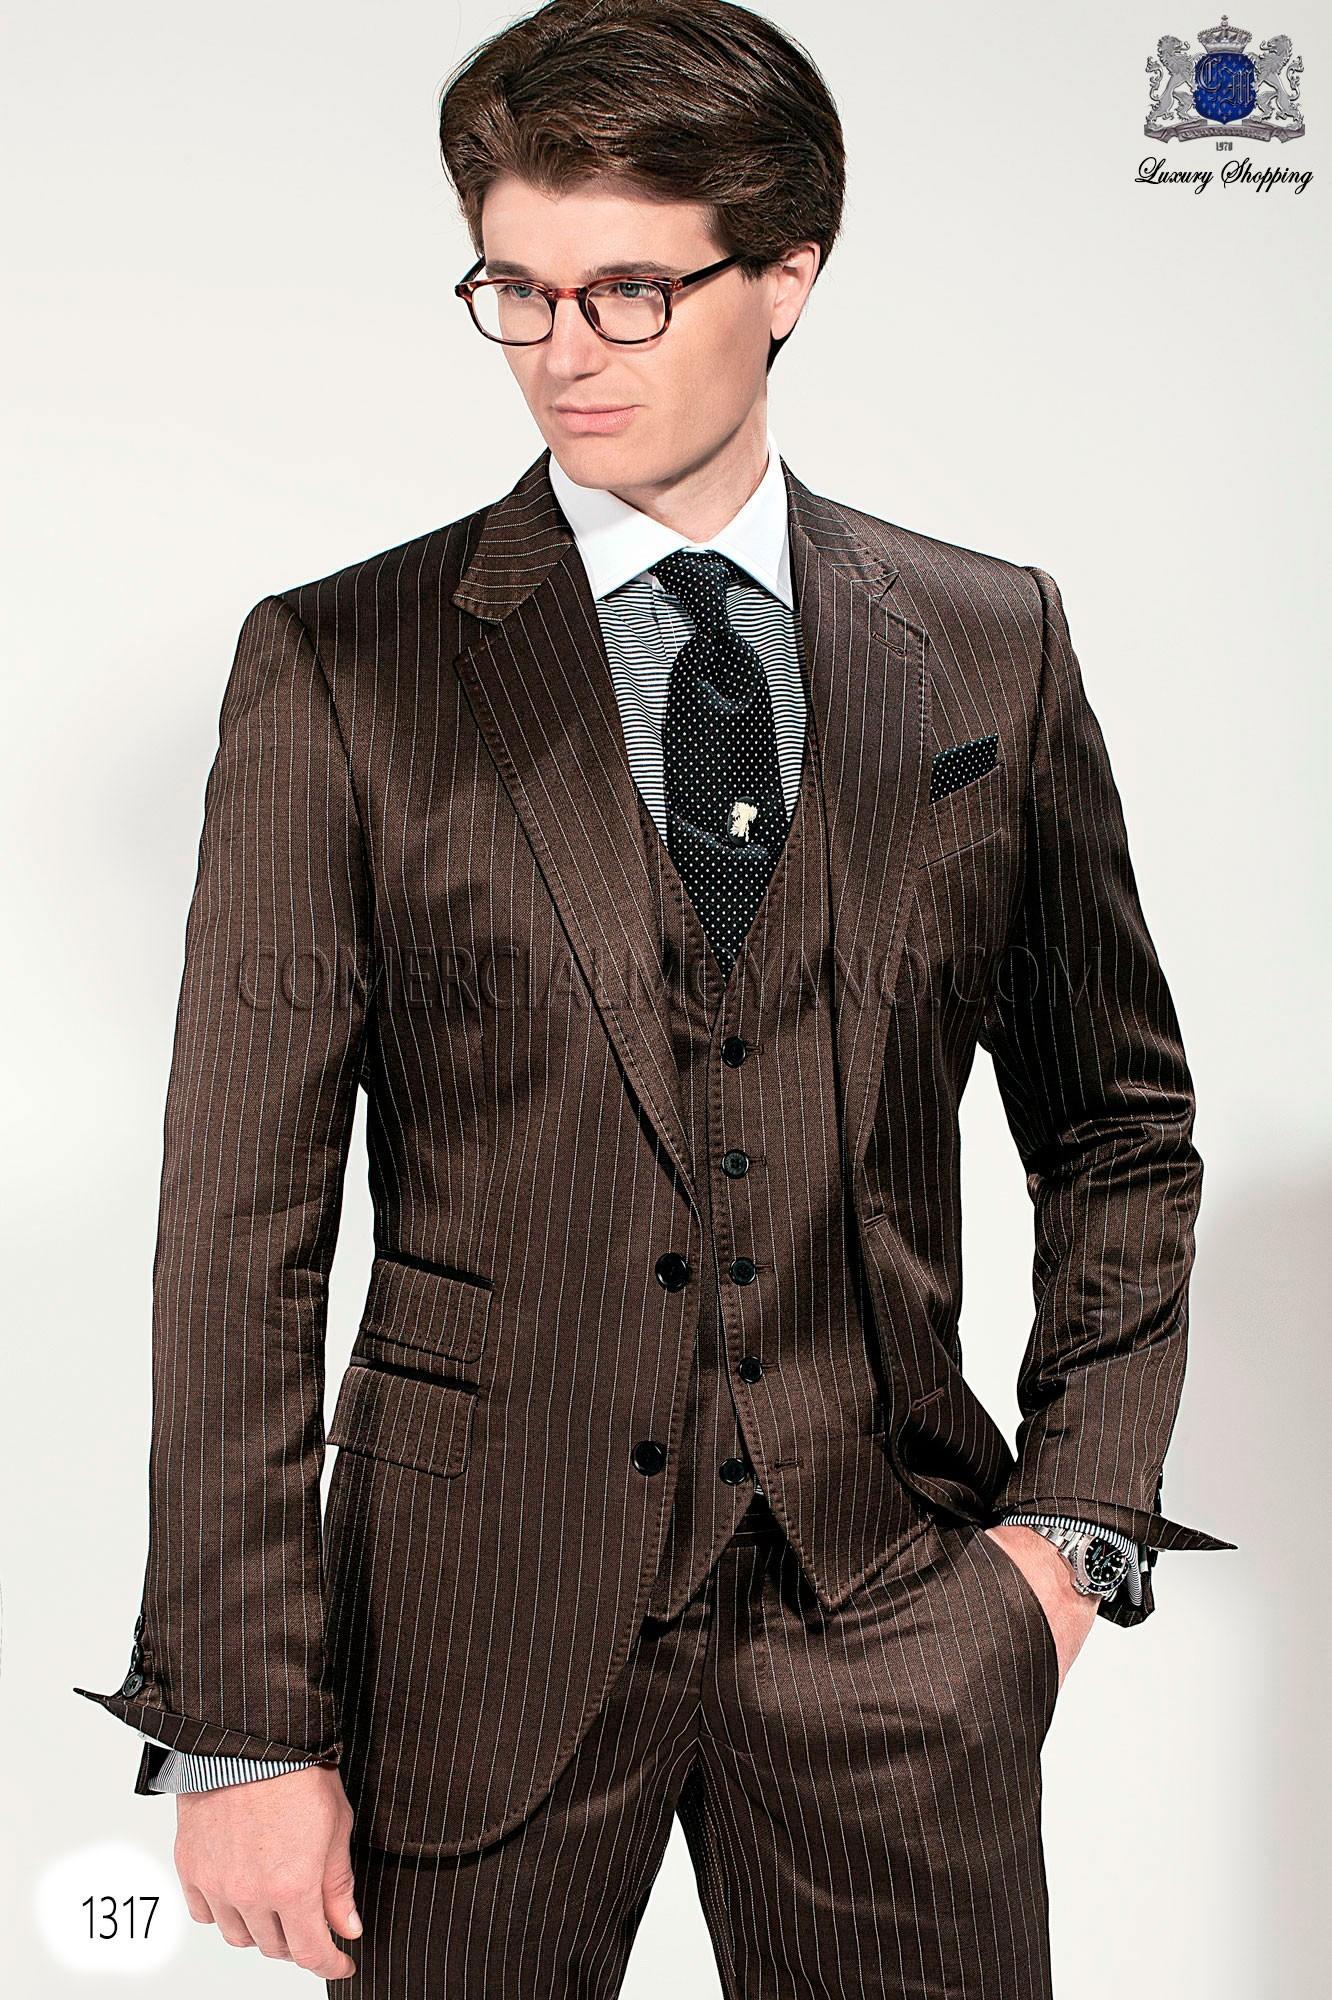 Traje de novio italiano marrón modelo: 1317 Ottavio Nuccio Gala colección Gentleman